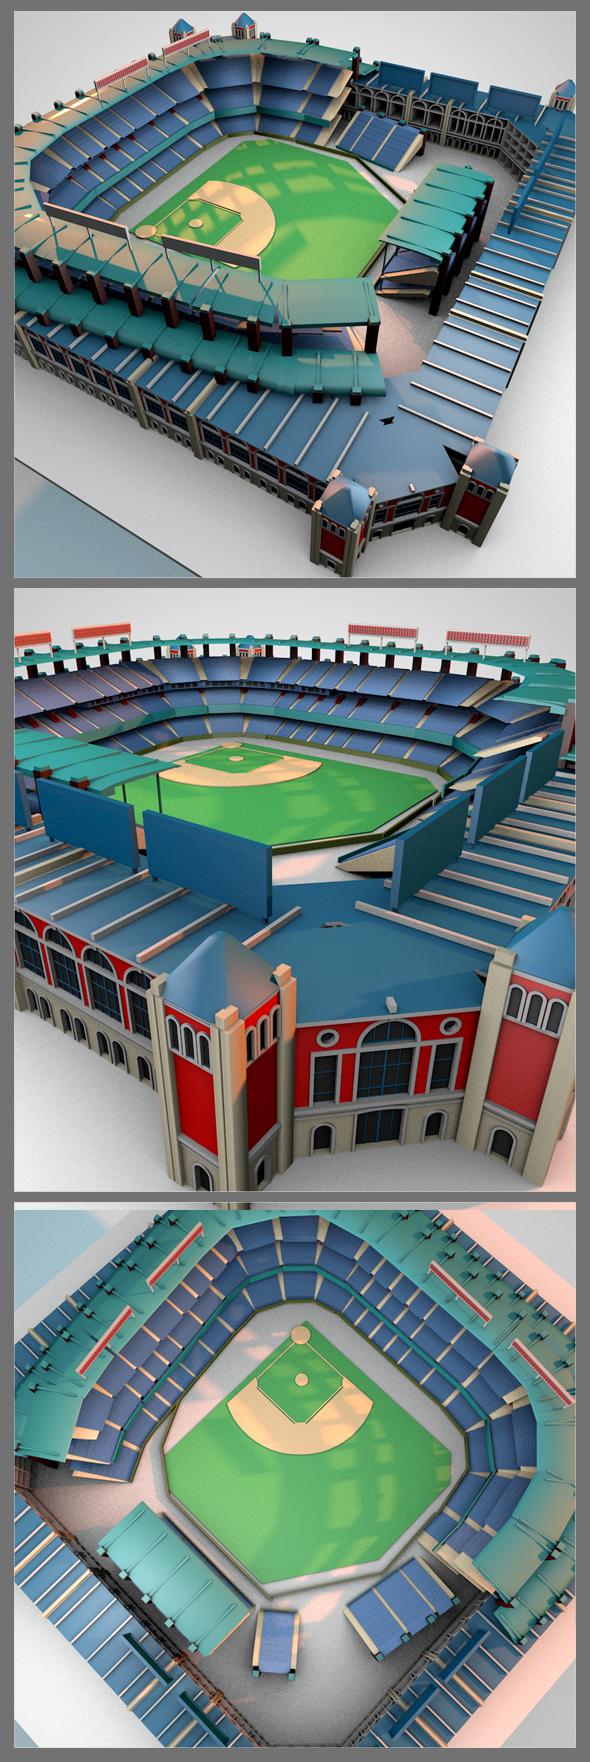 Globe life aprk stadium - 3DOcean Item for Sale